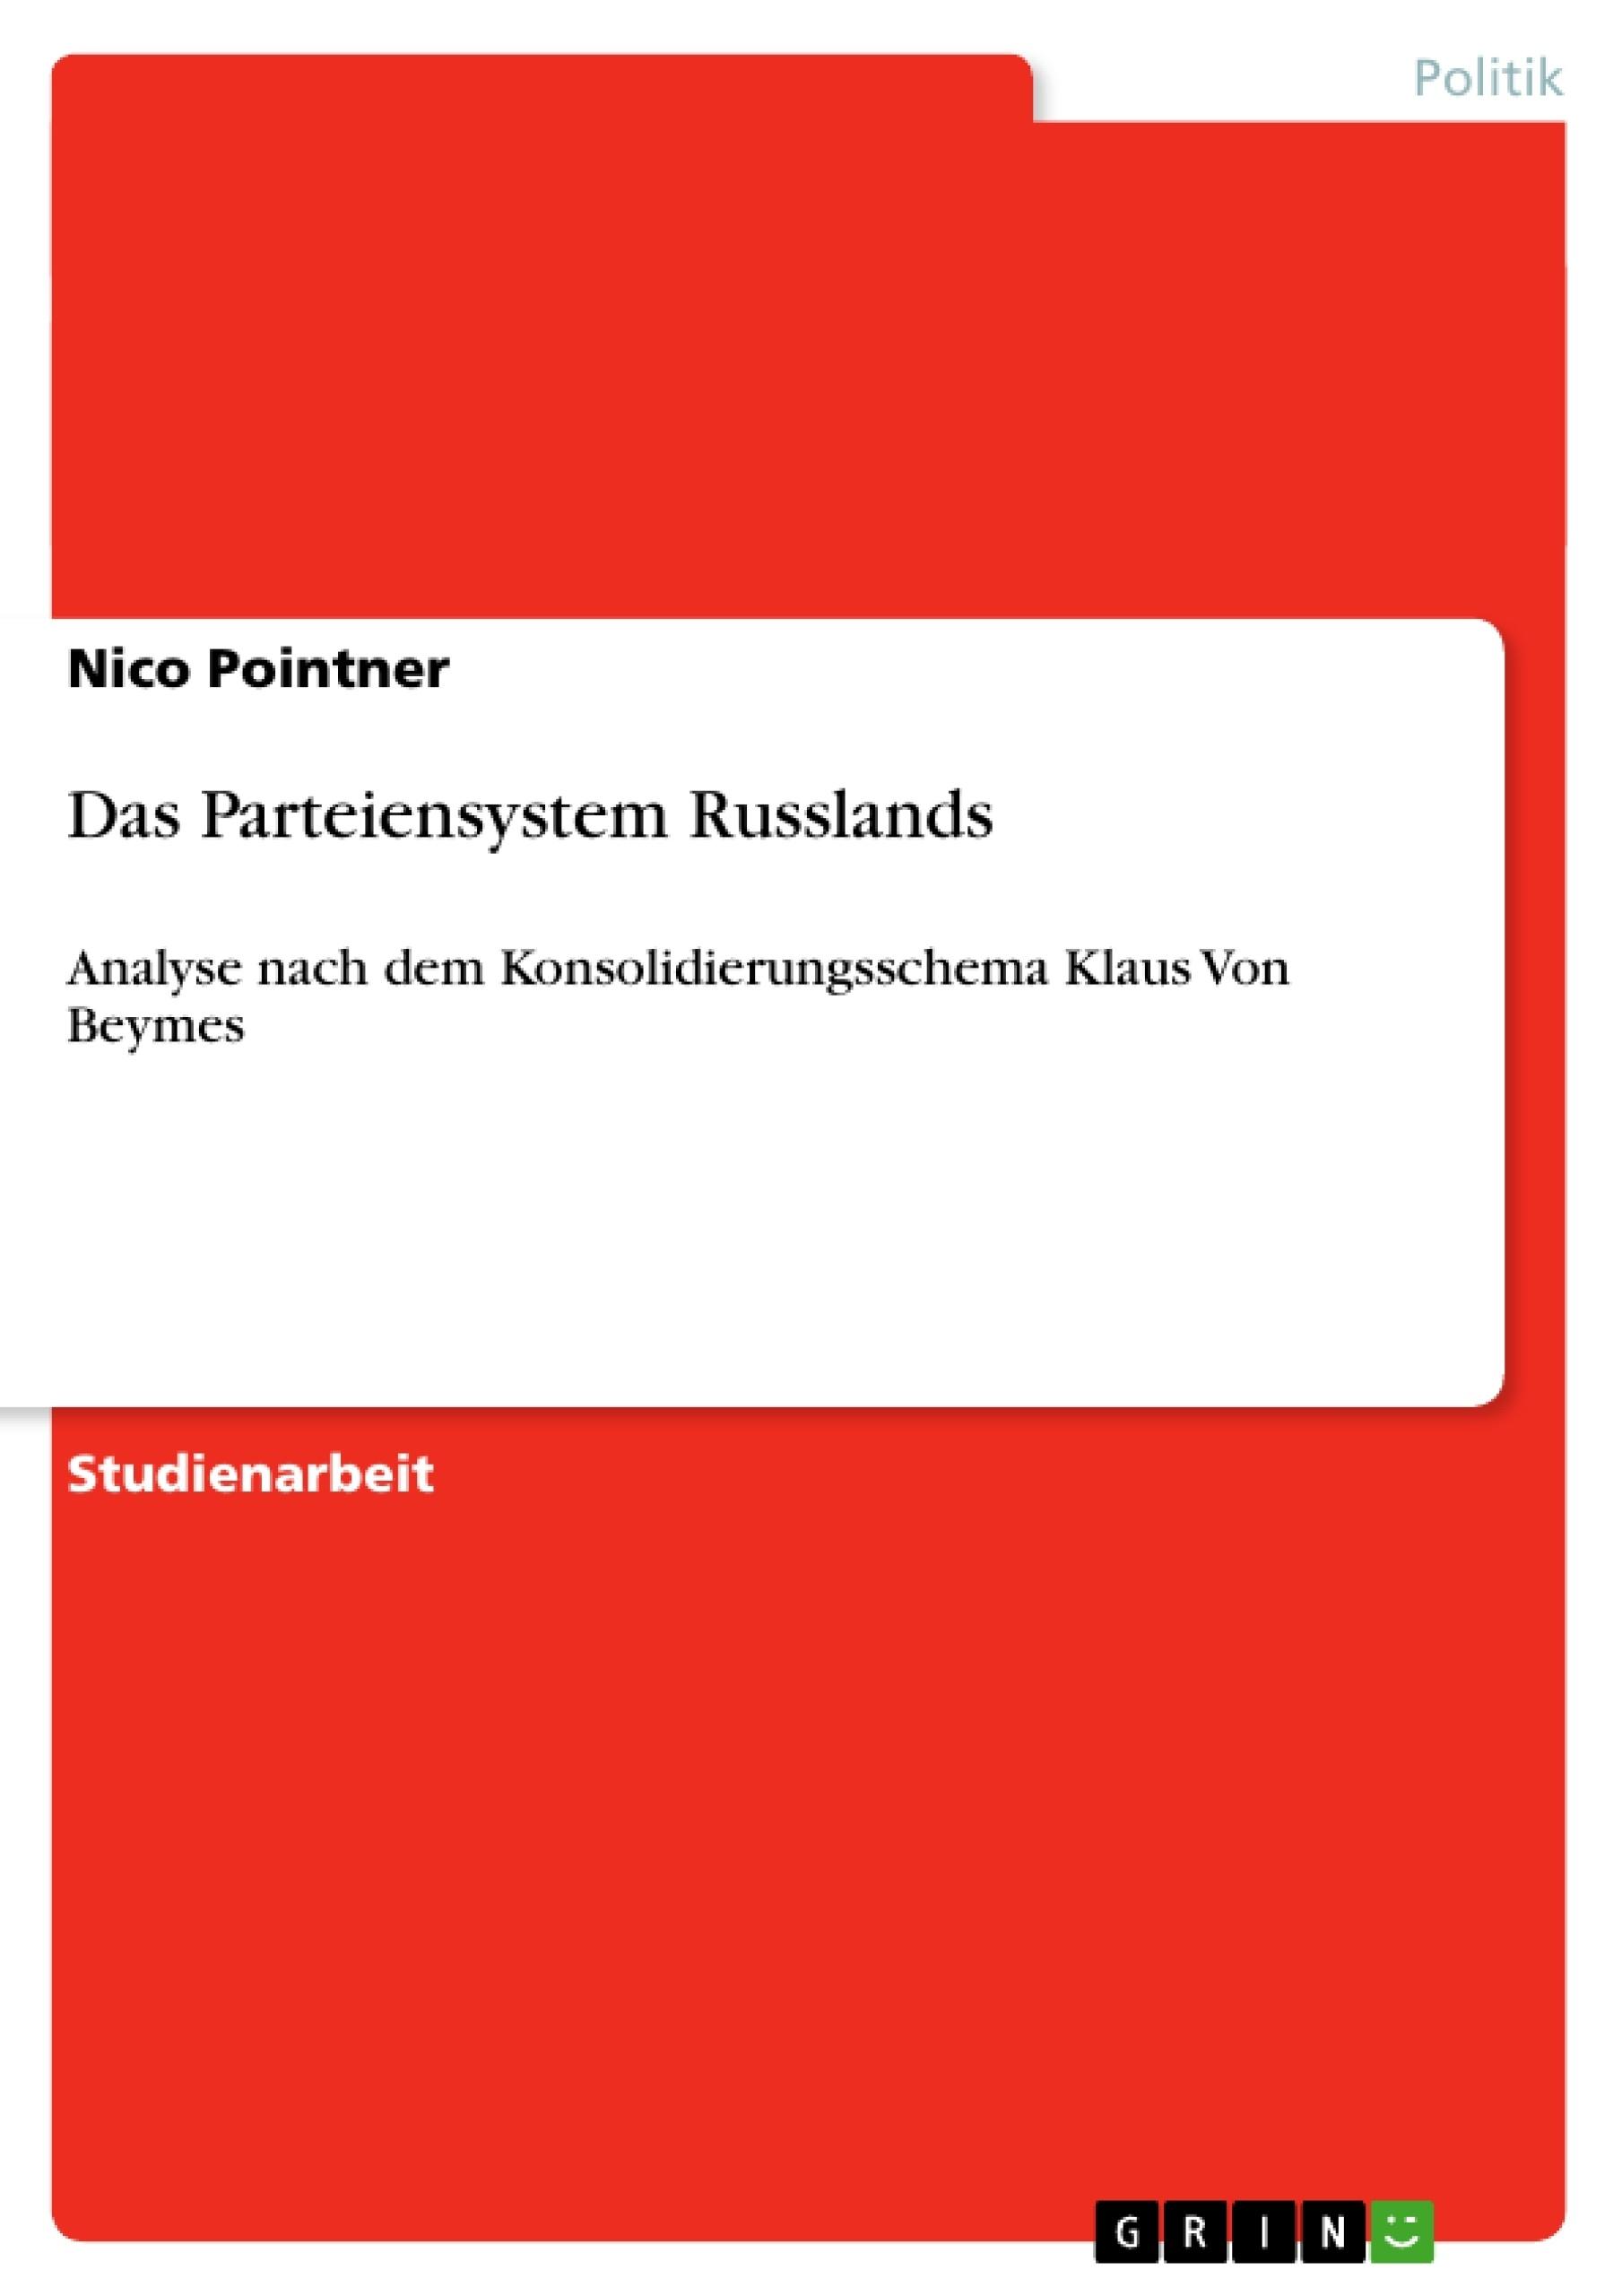 Titel: Das Parteiensystem Russlands